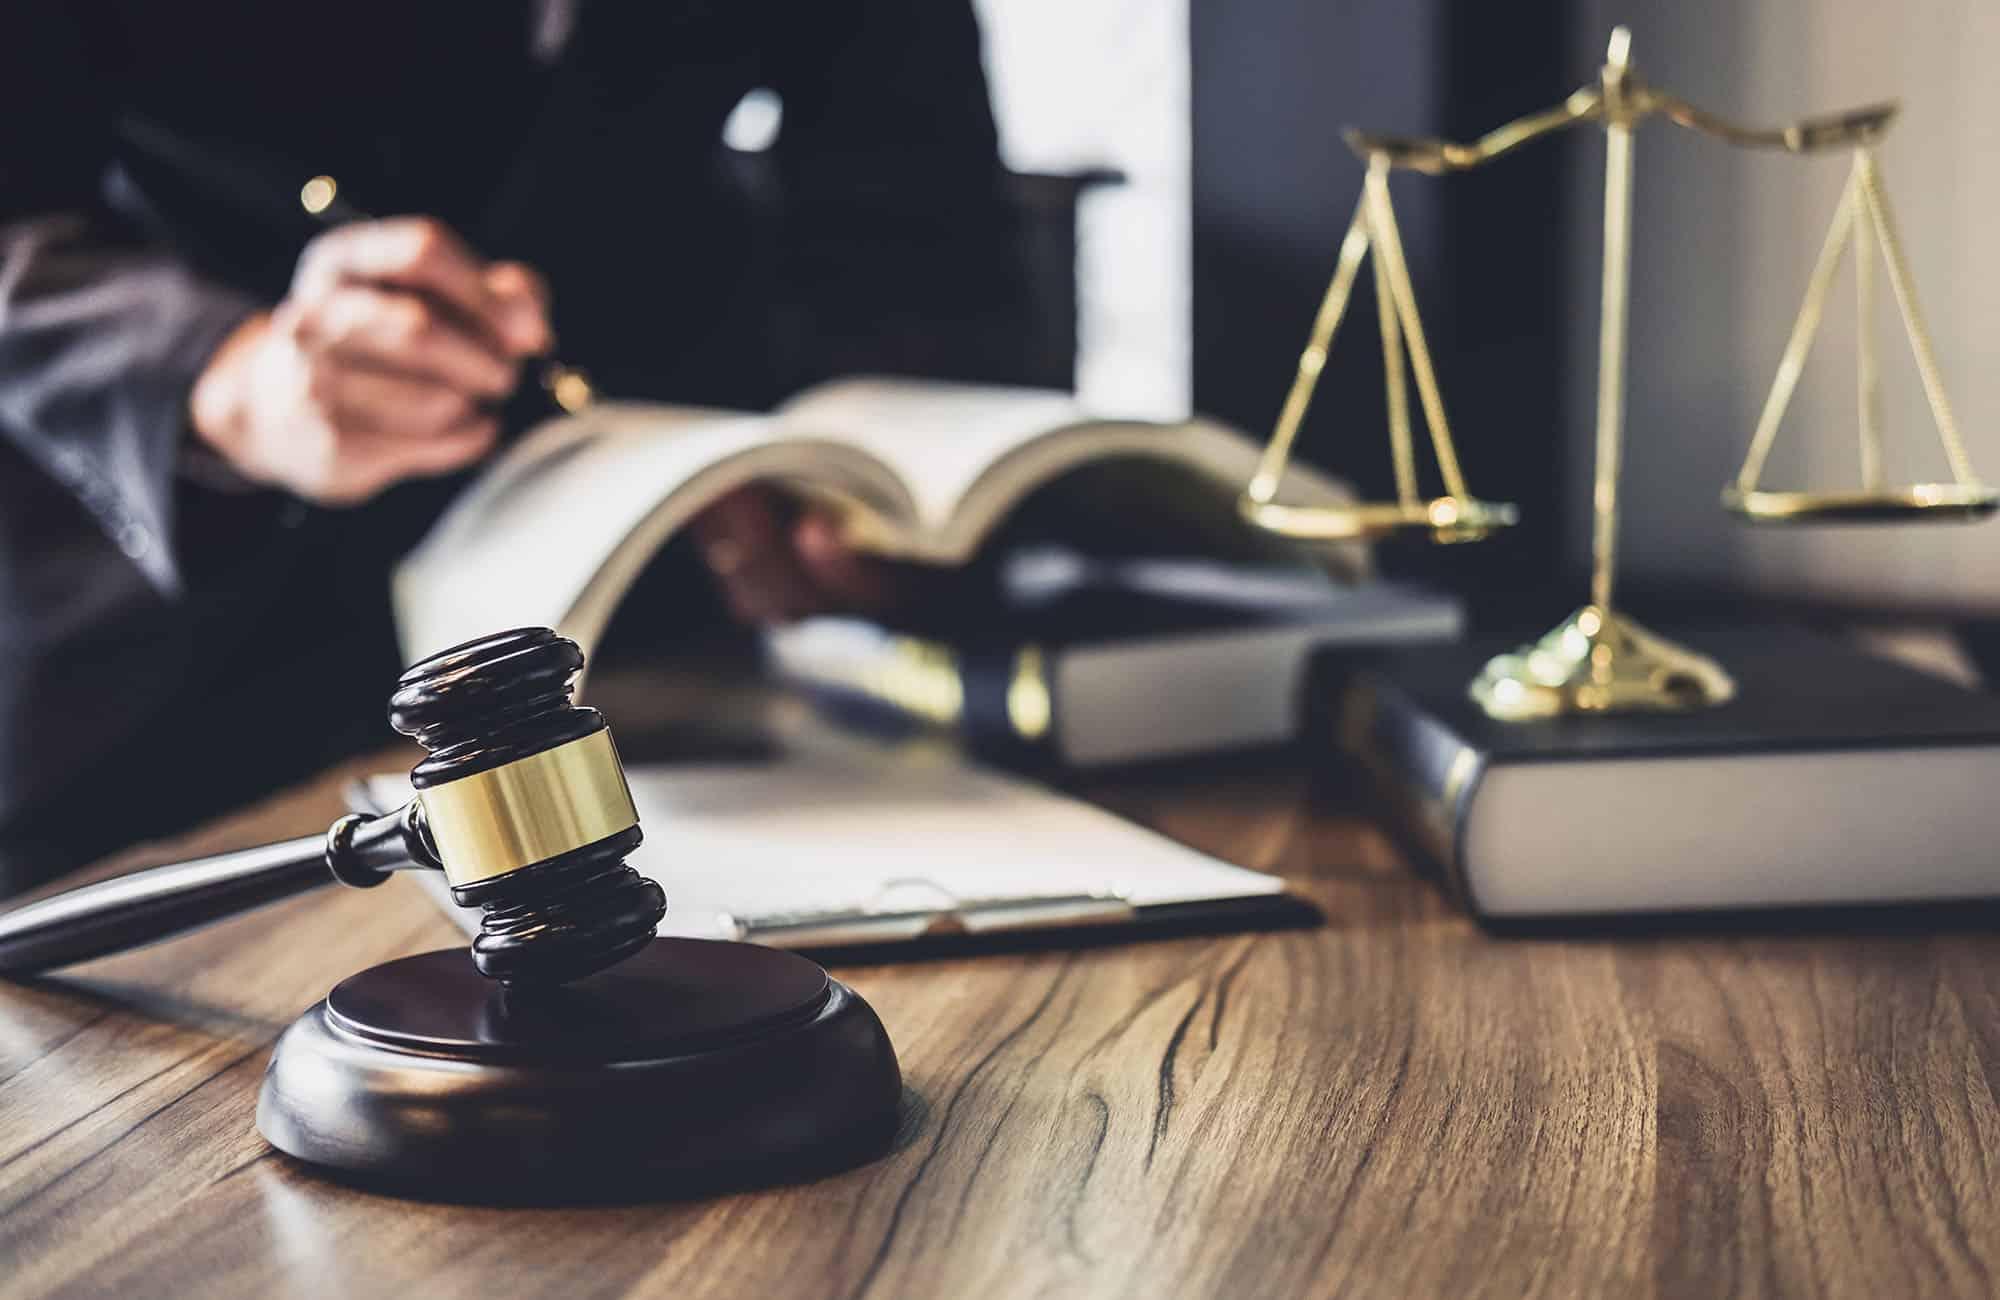 סקירה קצרה על בתי המשפט בארץ